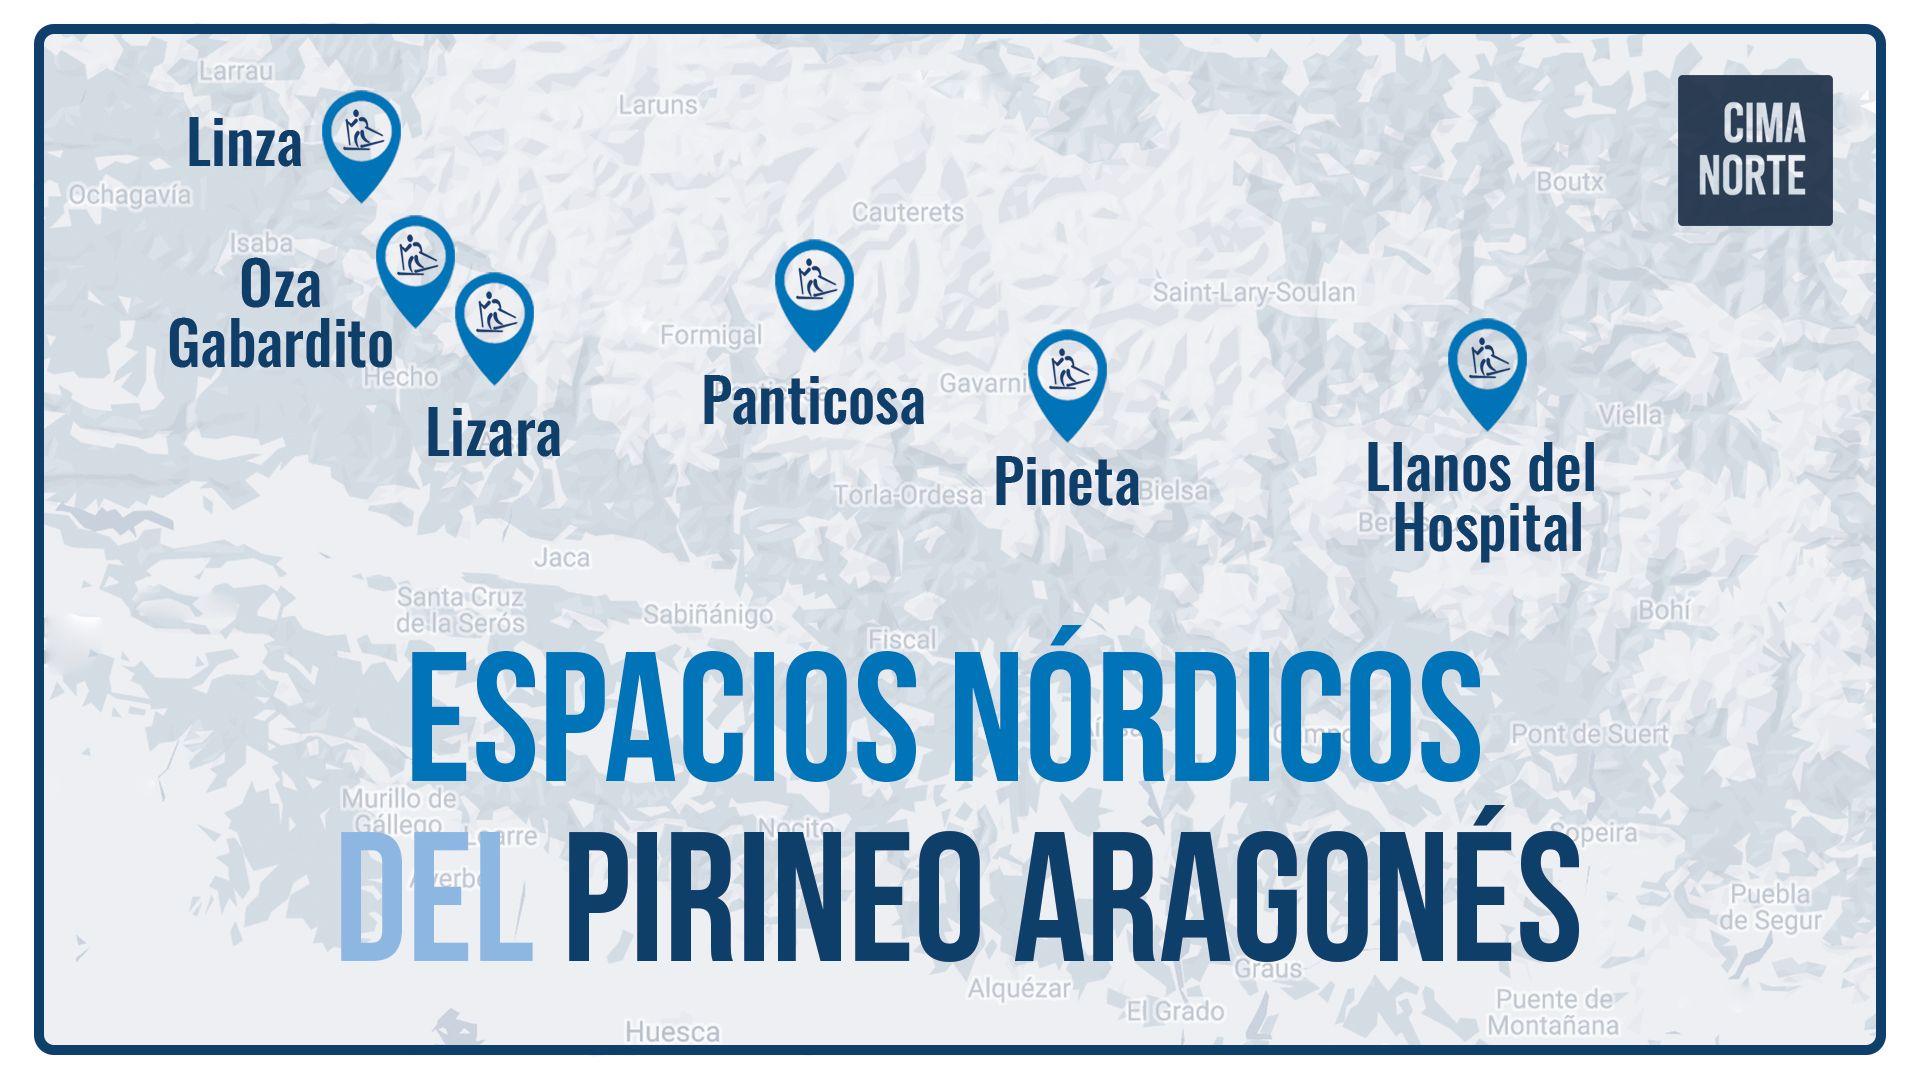 Mapa espacios nórdicos pirineo aragones